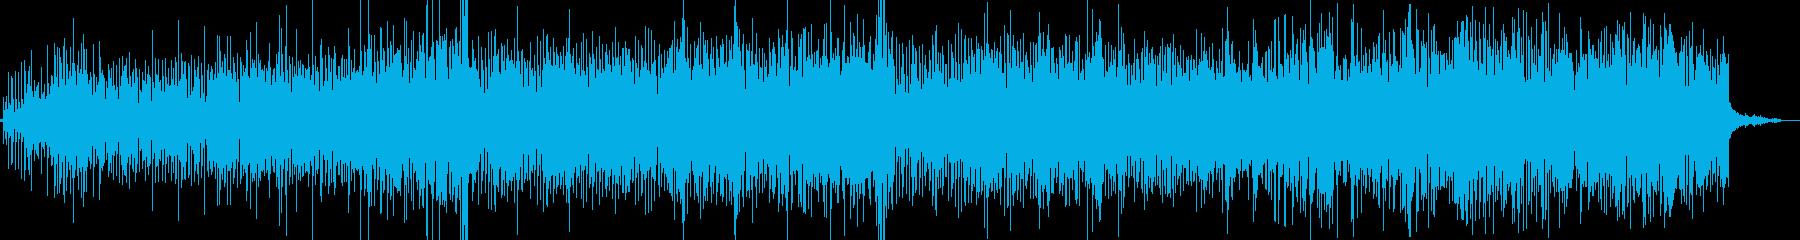 ソーシャル解説付きのヒップホップト...の再生済みの波形